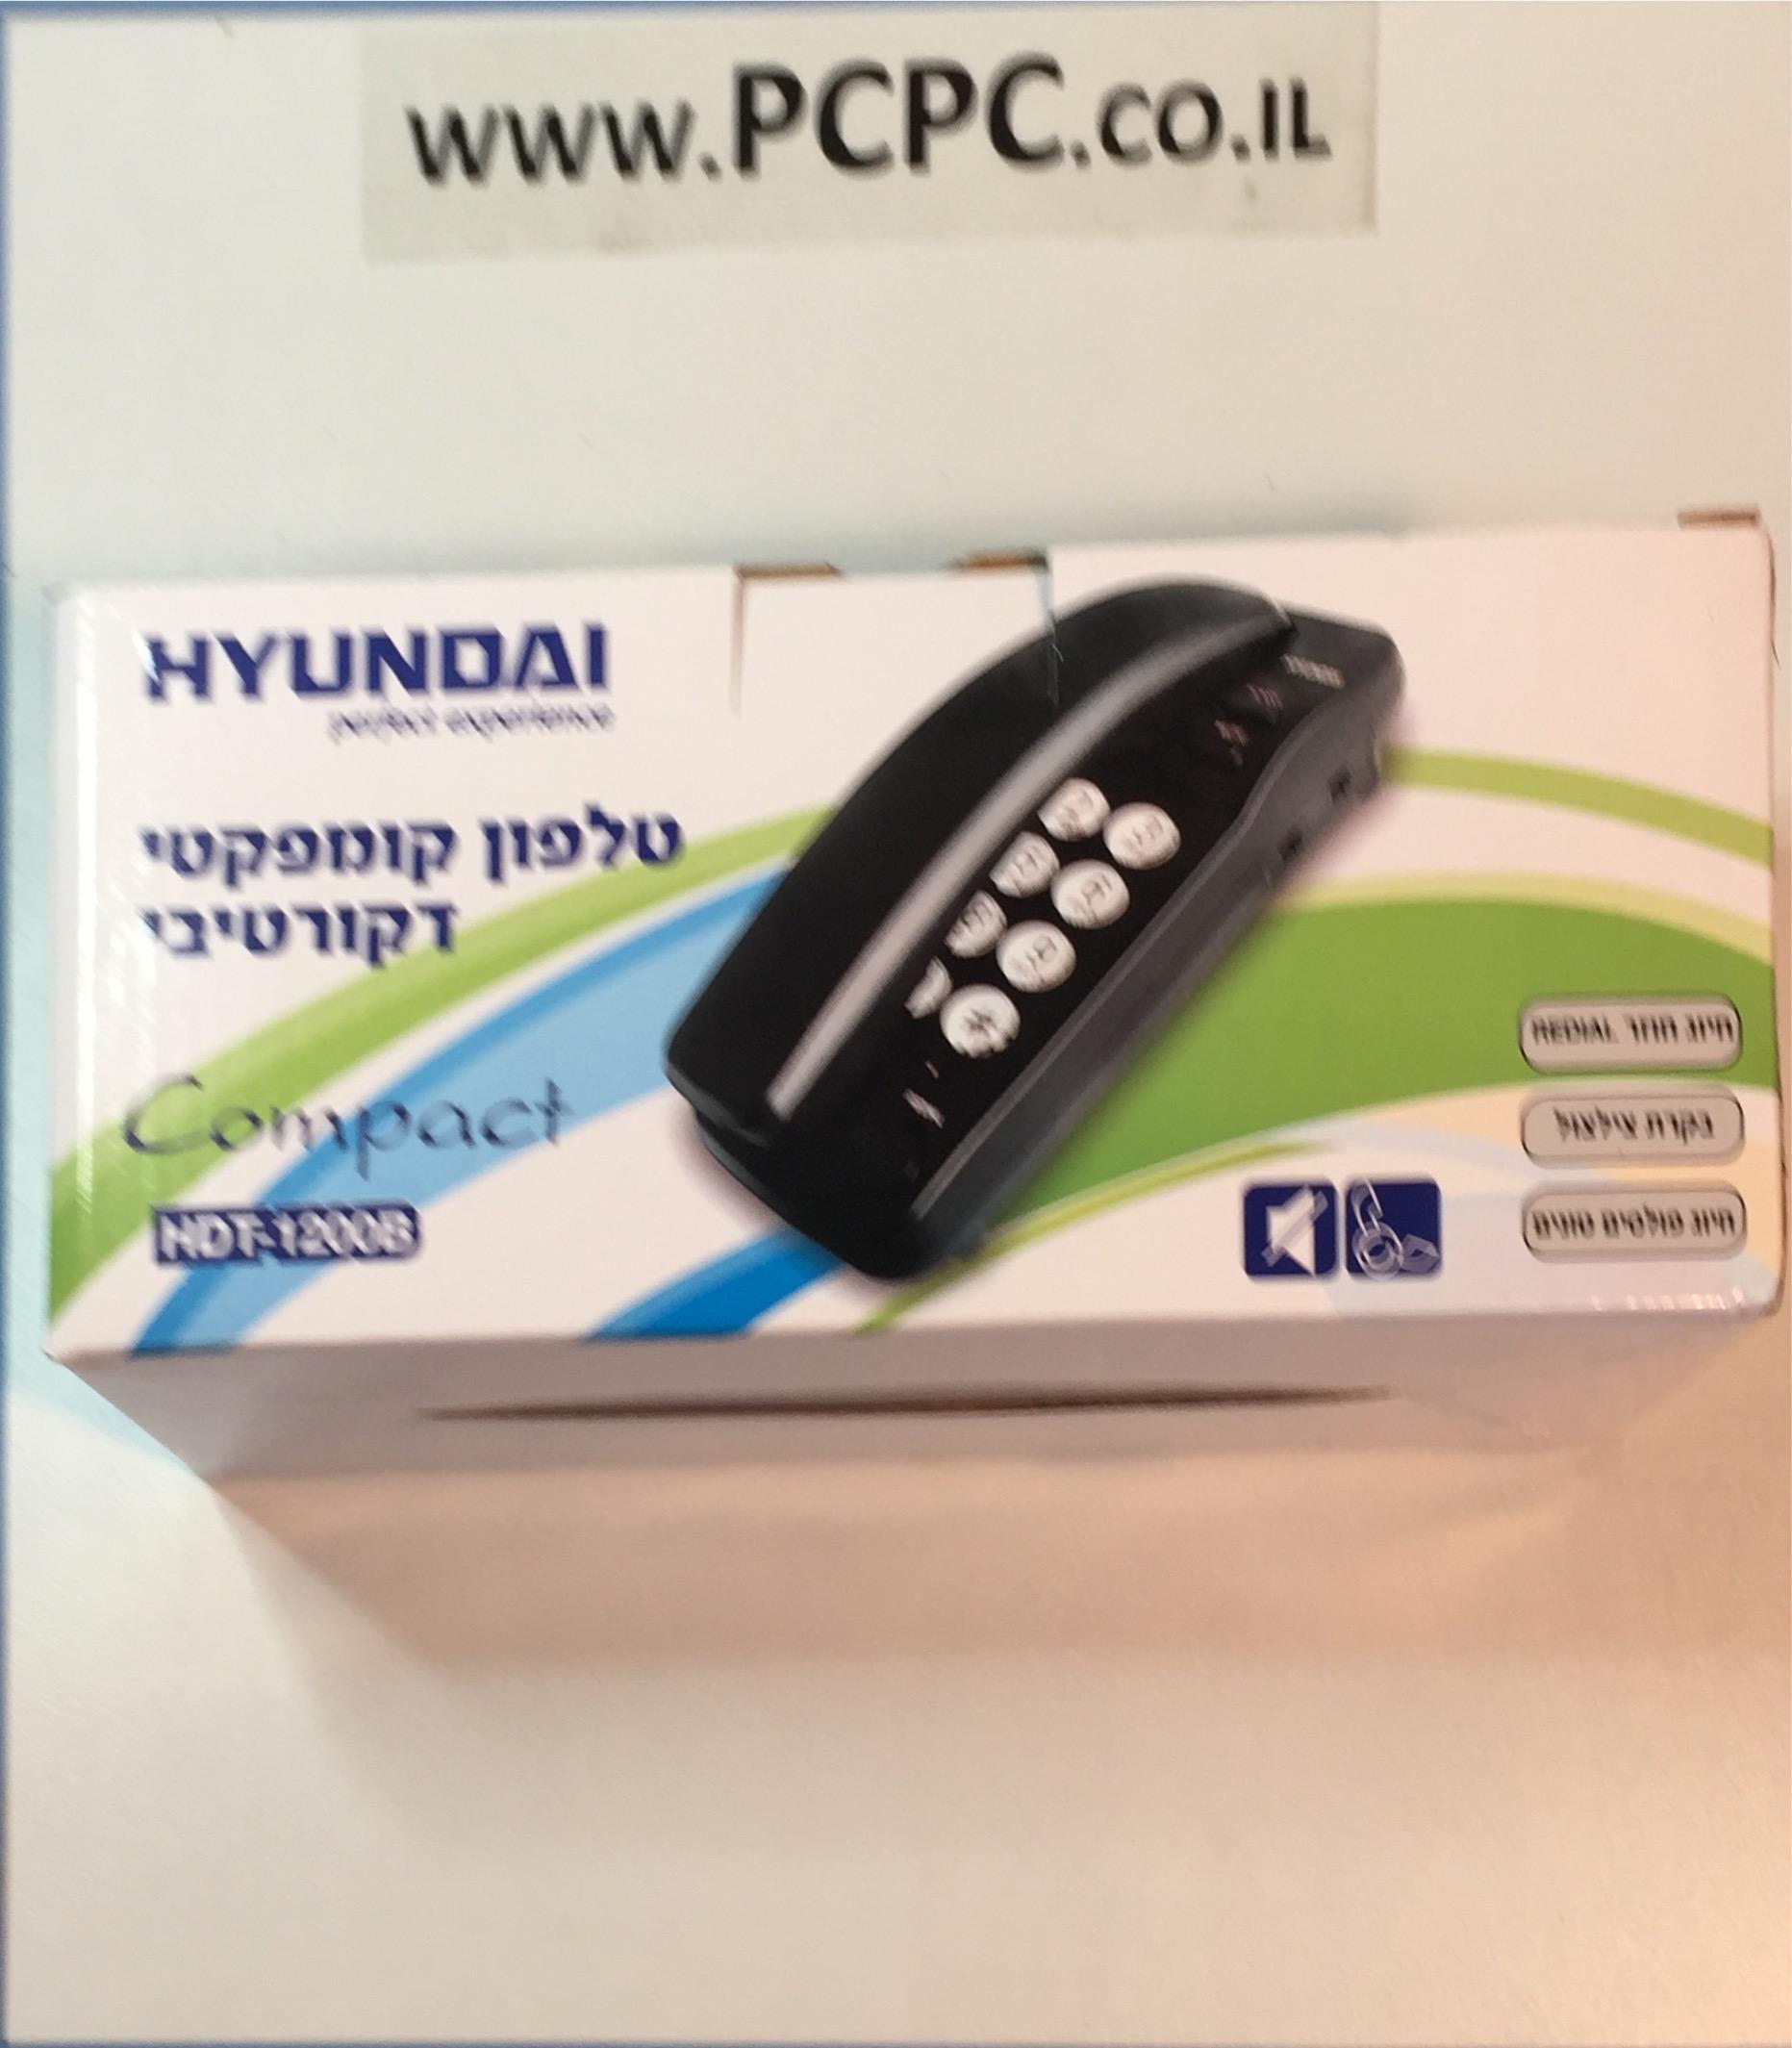 טלפון דקורטיבי סנדוויץ  HYUNDAI HDT-1200B